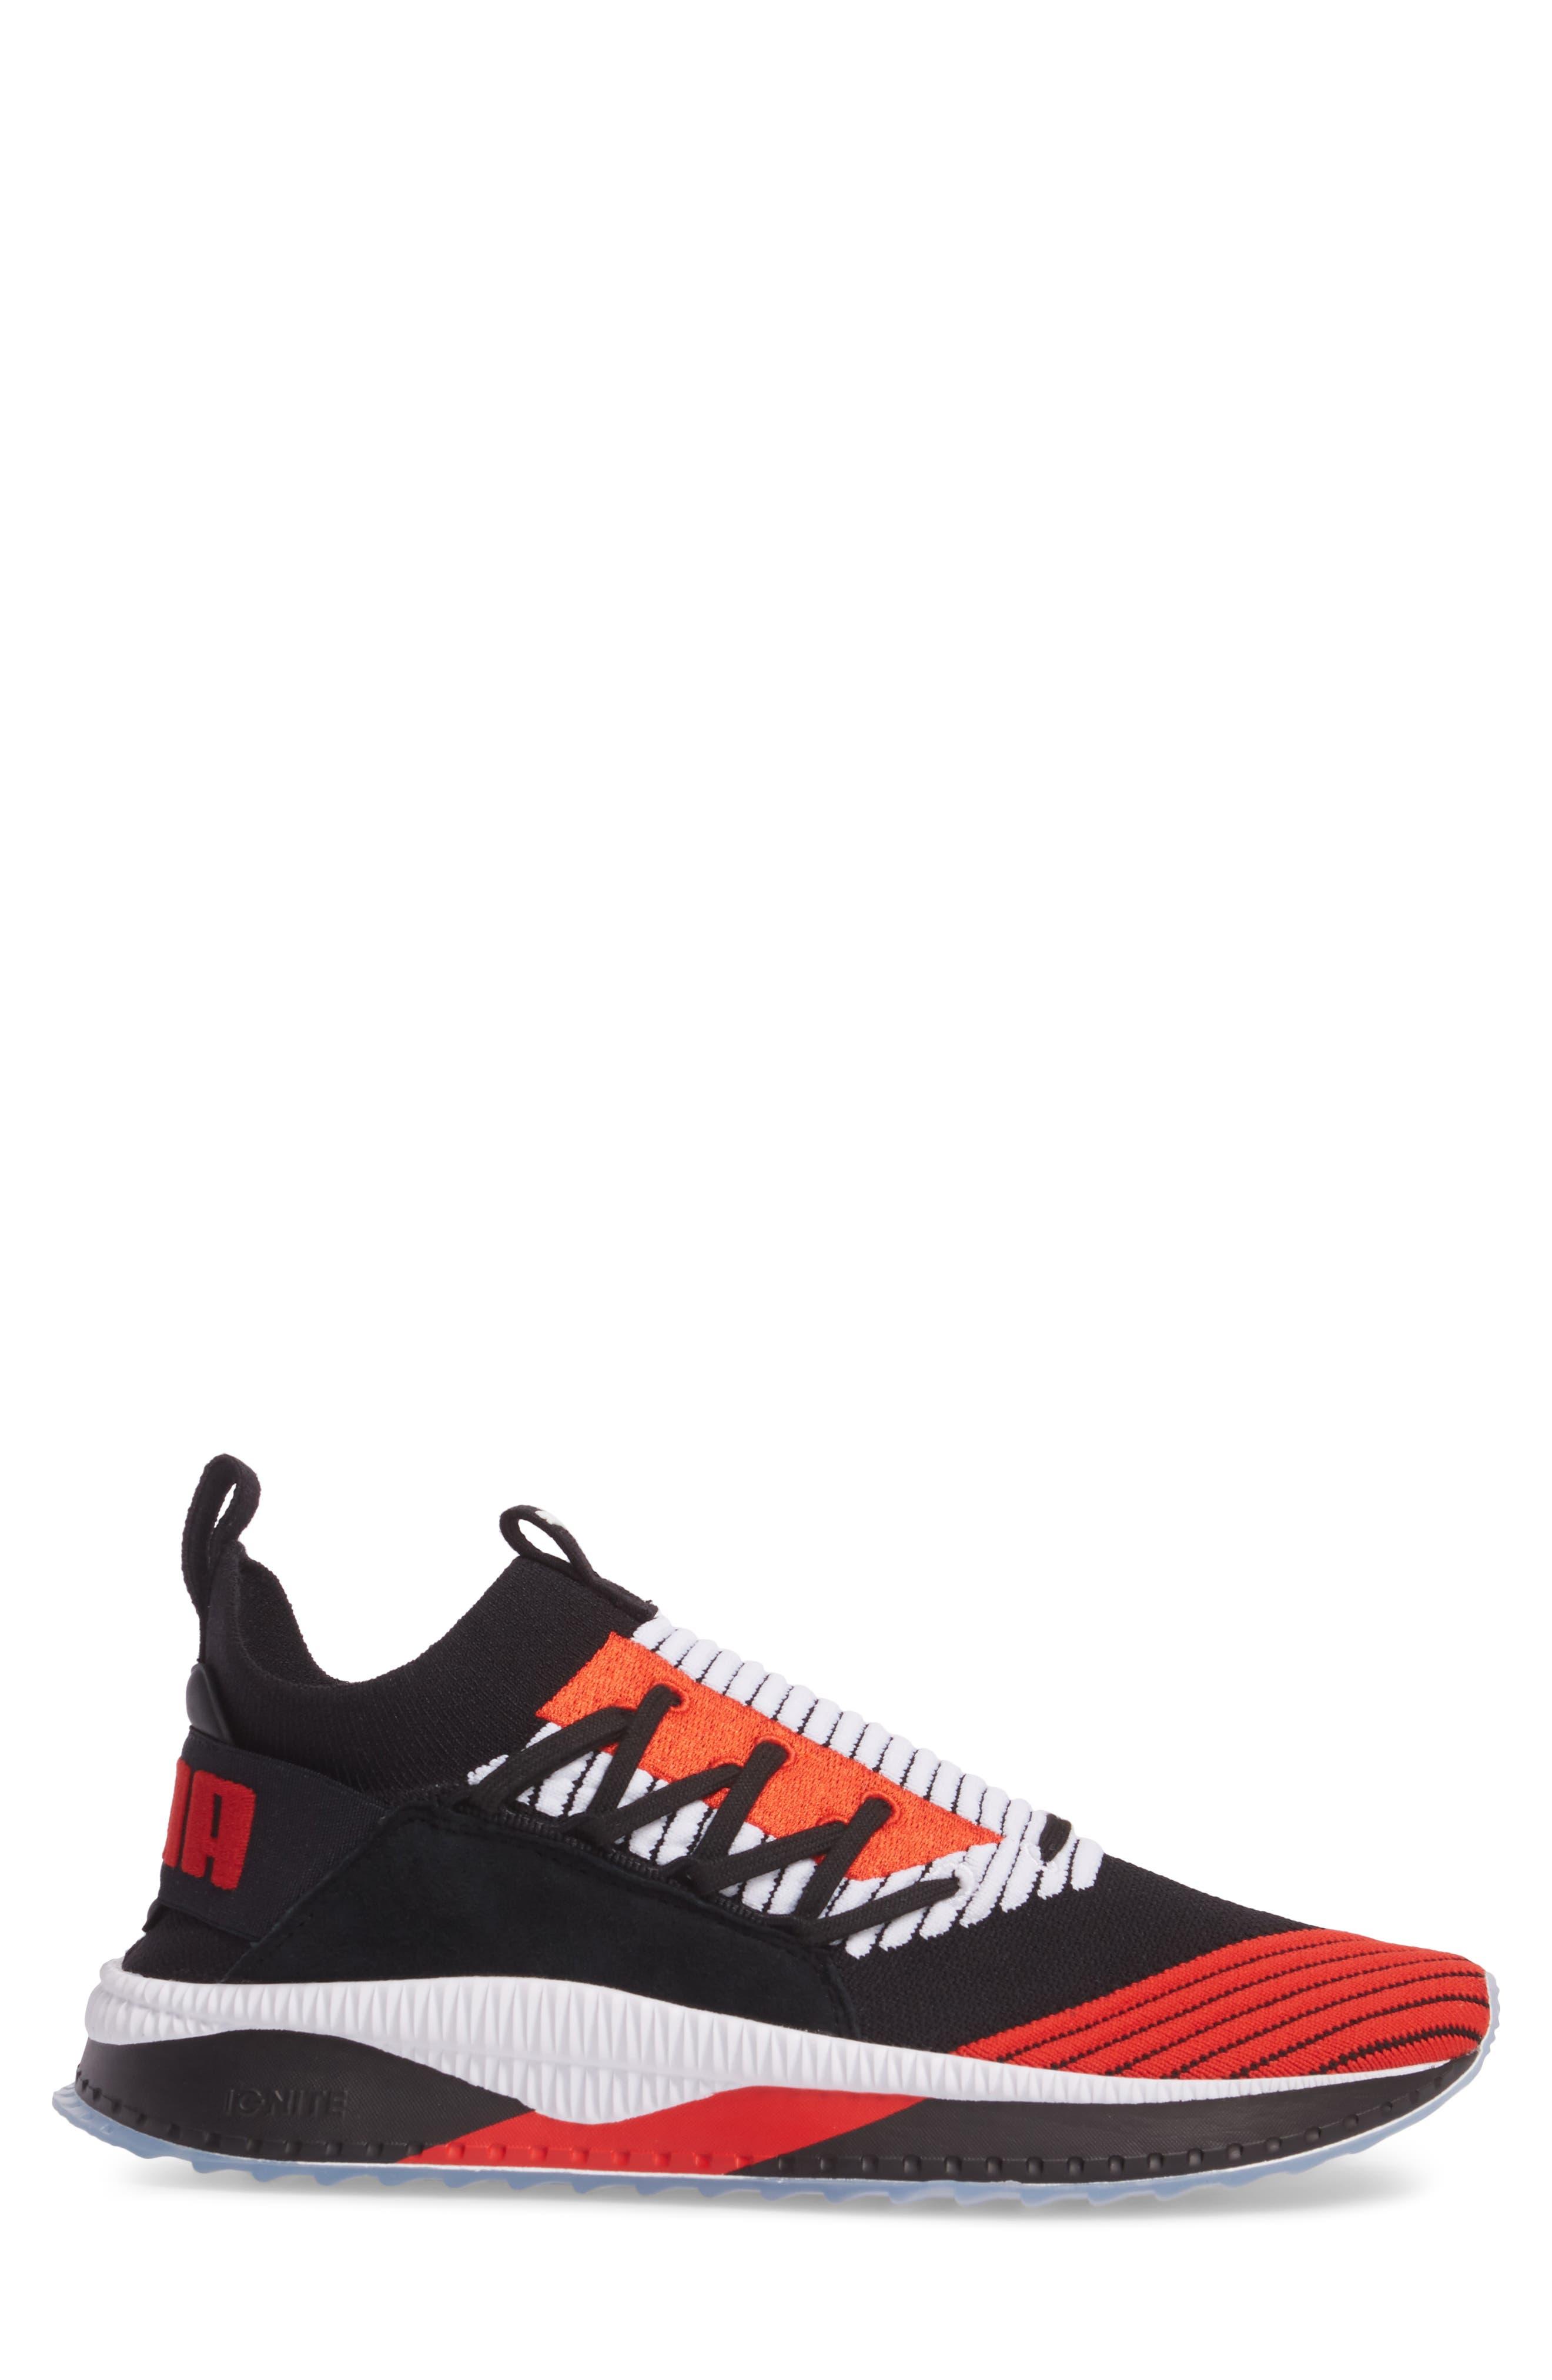 Tsugi Shinsei UT Odyssey Sneaker,                             Alternate thumbnail 3, color,                             010